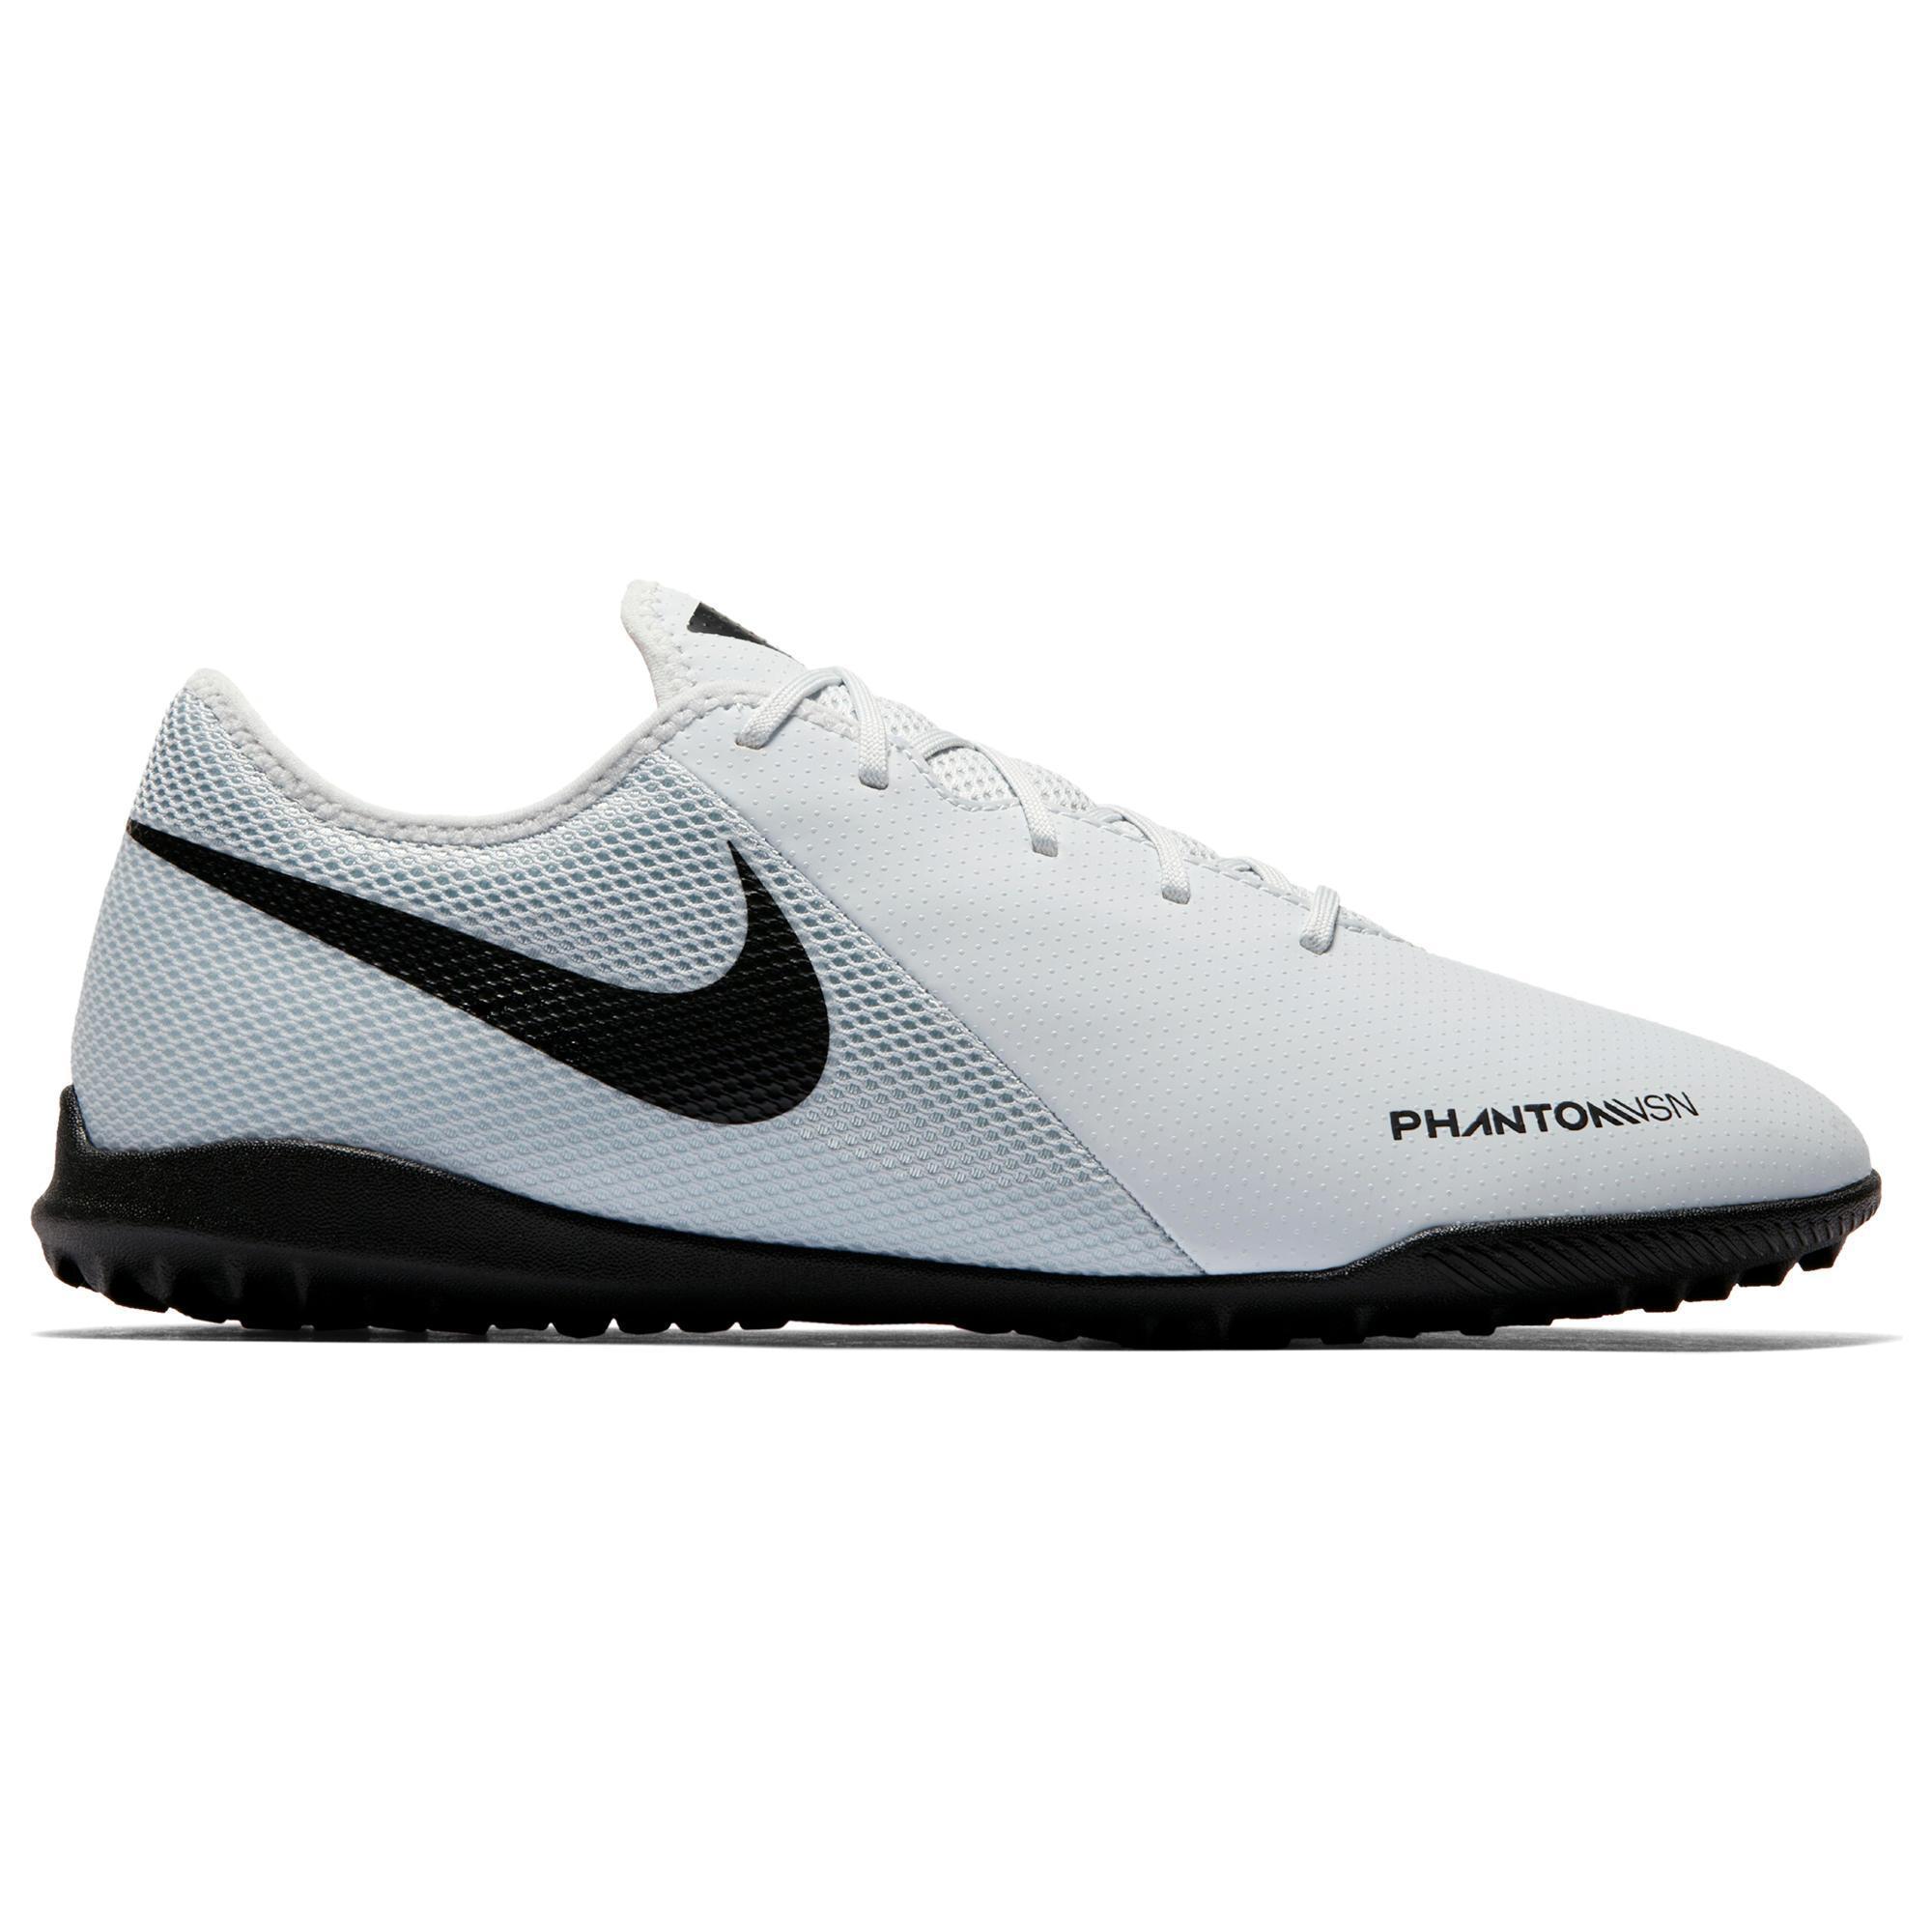 Nike Voetbalschoenen Phantom Vision Academy TF voor volwassenen wit/rood